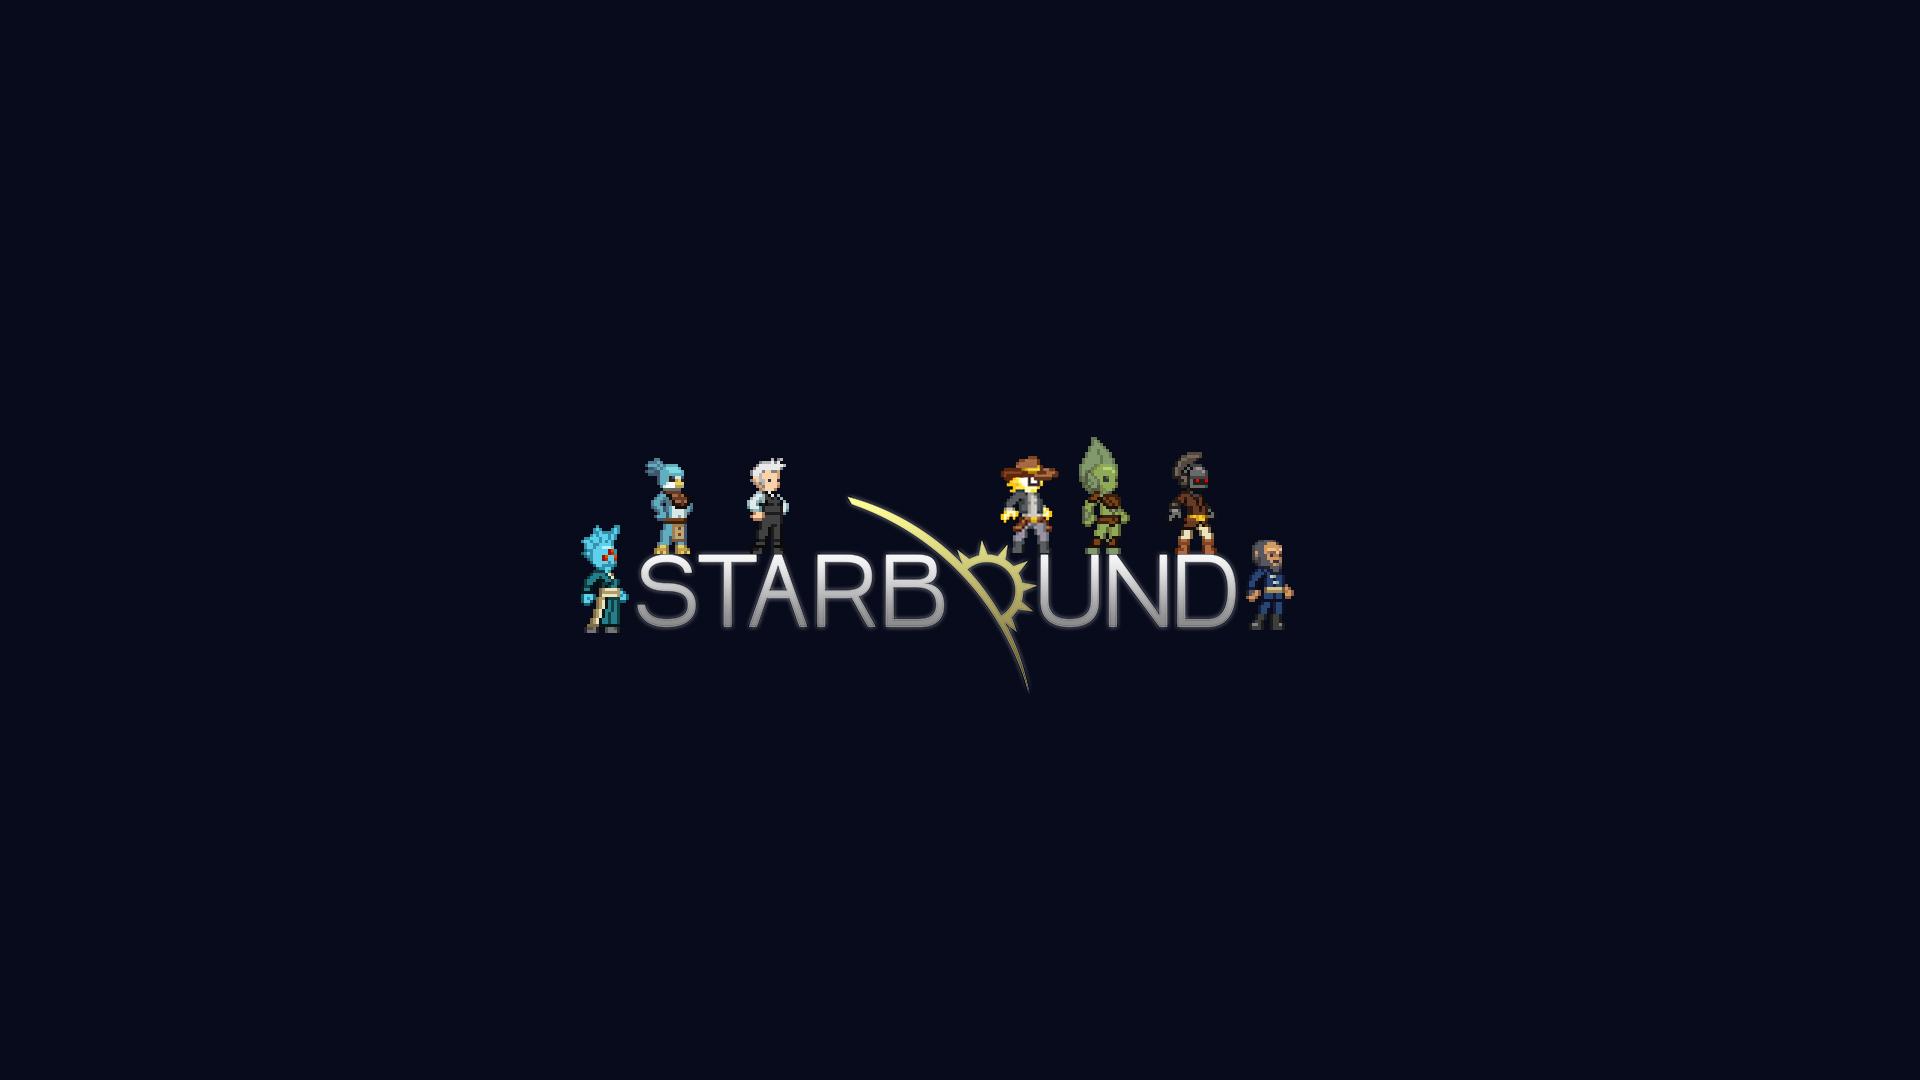 Starbound wallpaper 5